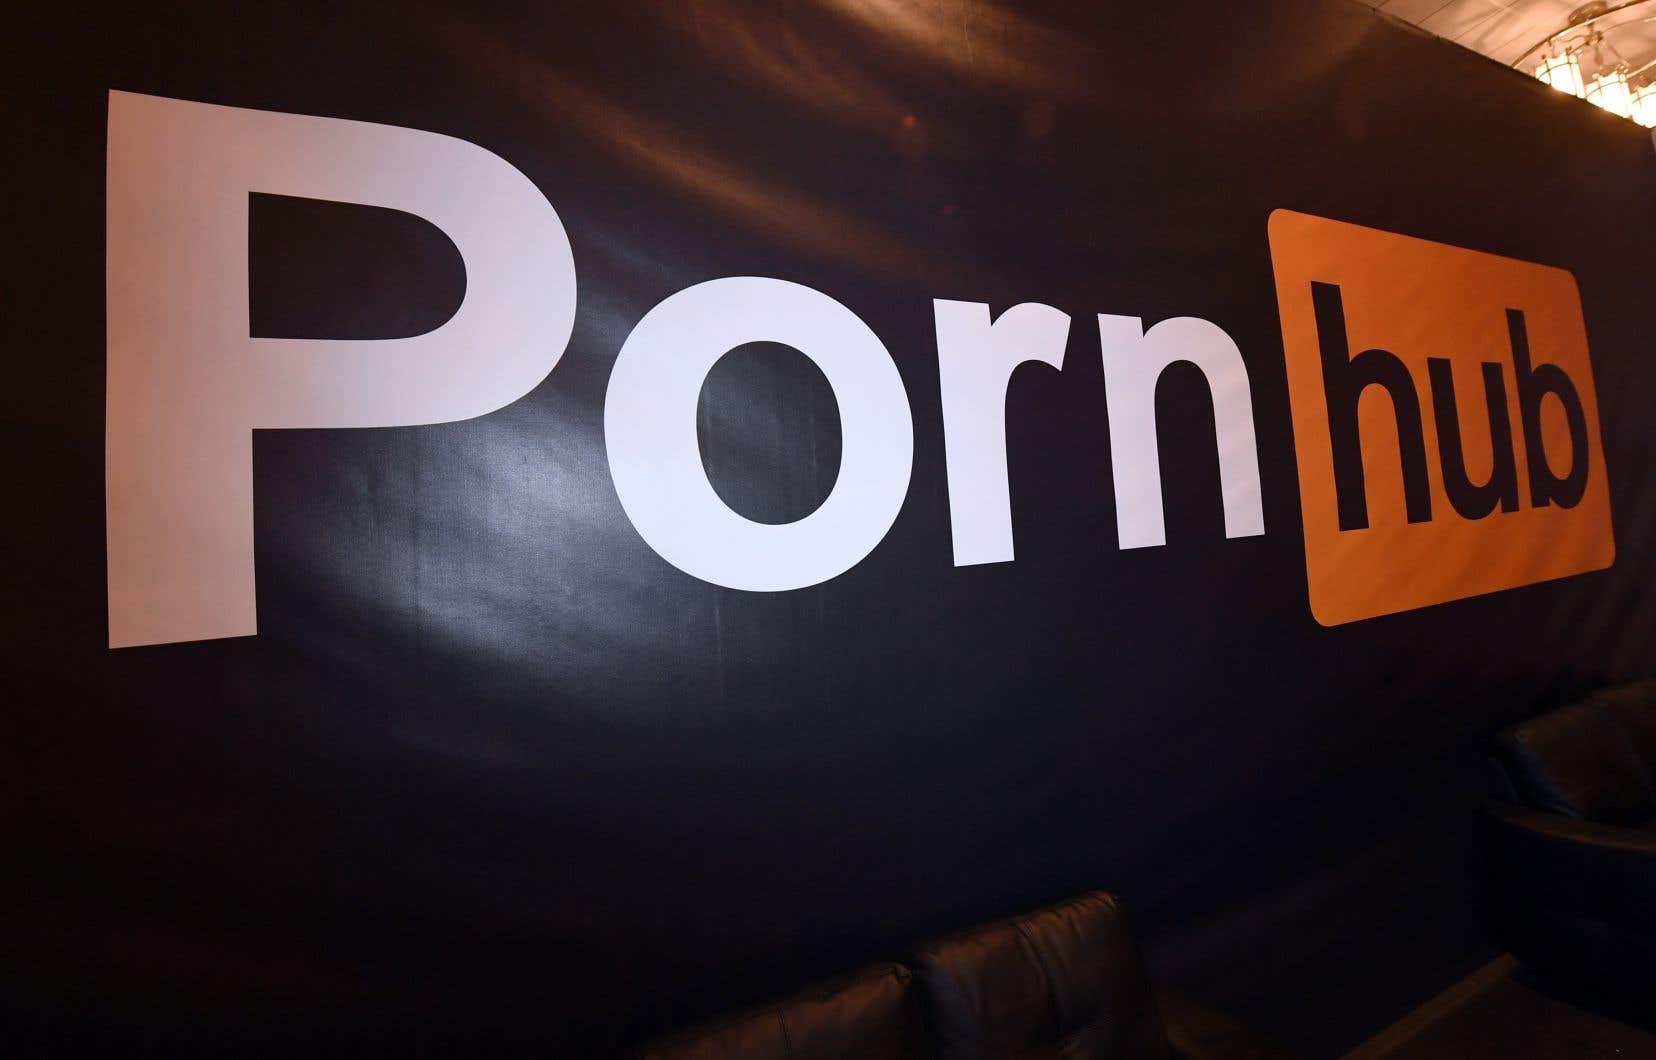 Pornhub assure que sa politique garantit désormais que tout son contenu provient d'utilisateurs vérifiés.